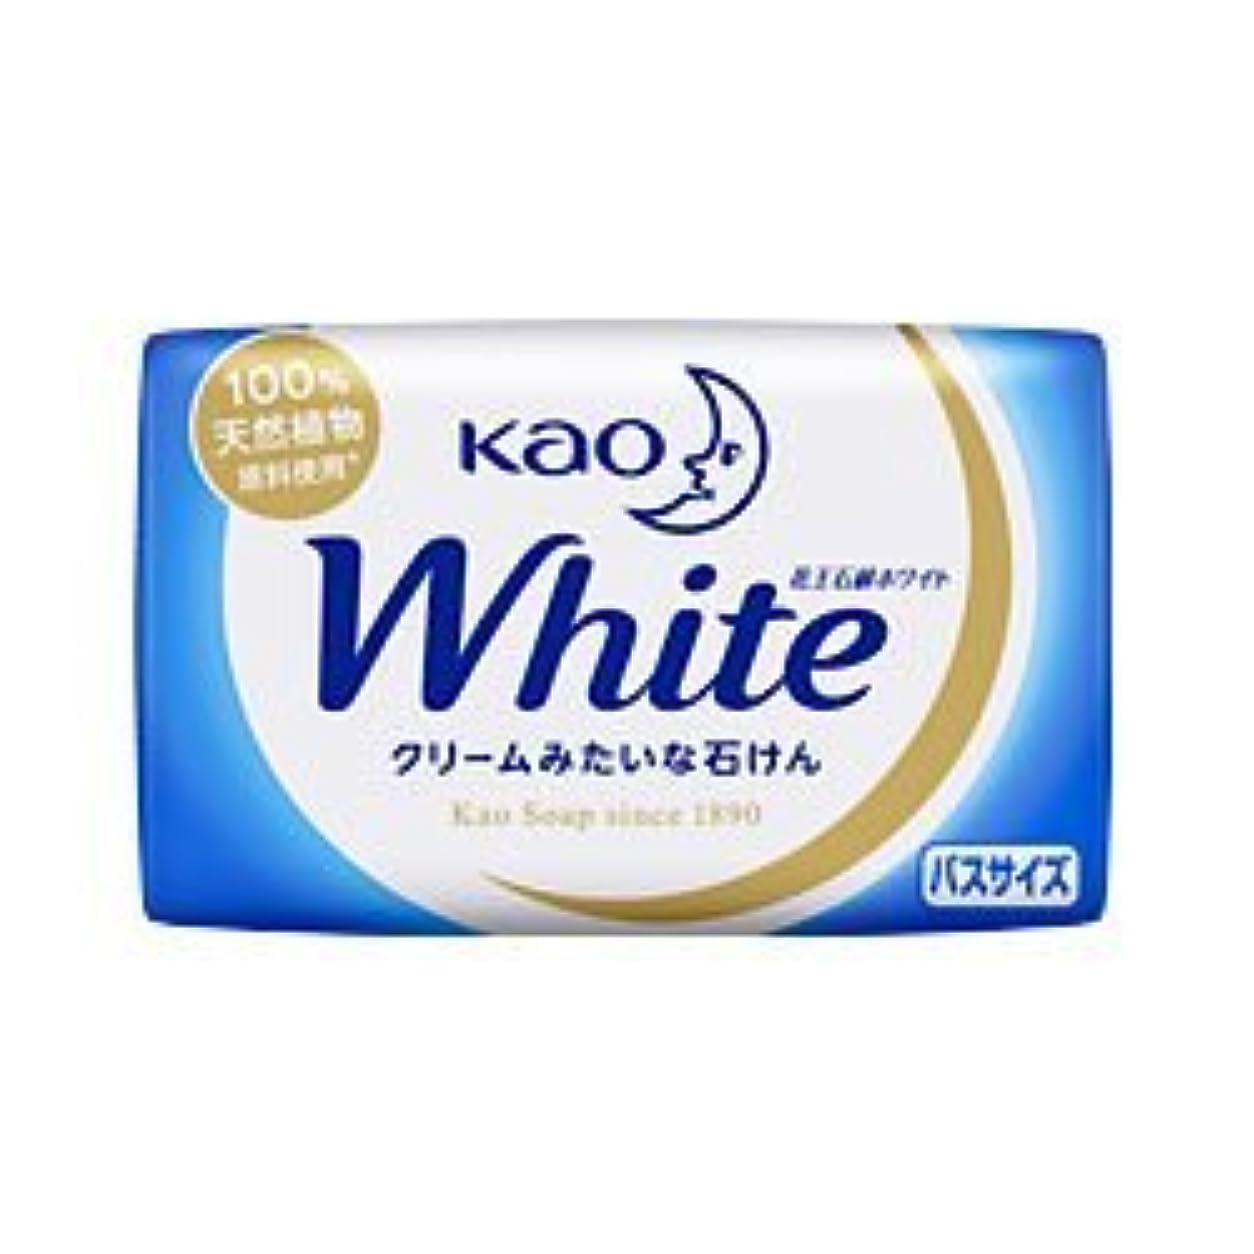 キリマンジャロクールモザイク【花王】花王ホワイト バスサイズ 1個 130g ×5個セット